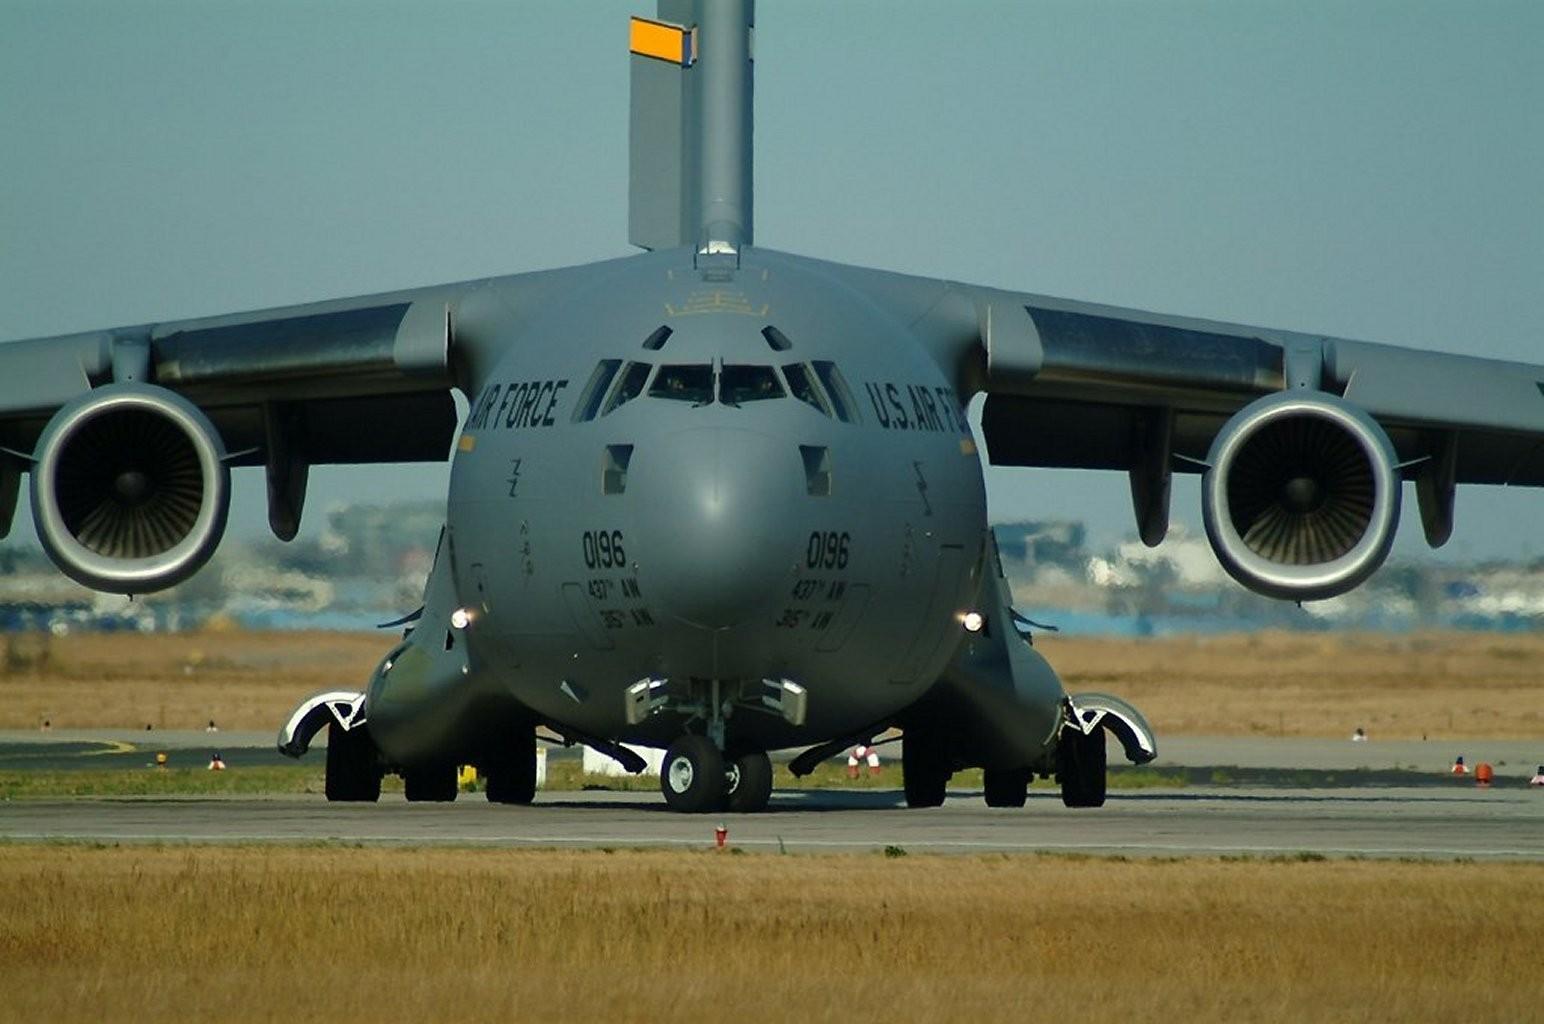 デスクトップ壁紙 : 車両, 飛行機, 軍事, 軍用機, ボーイングC 17 ...